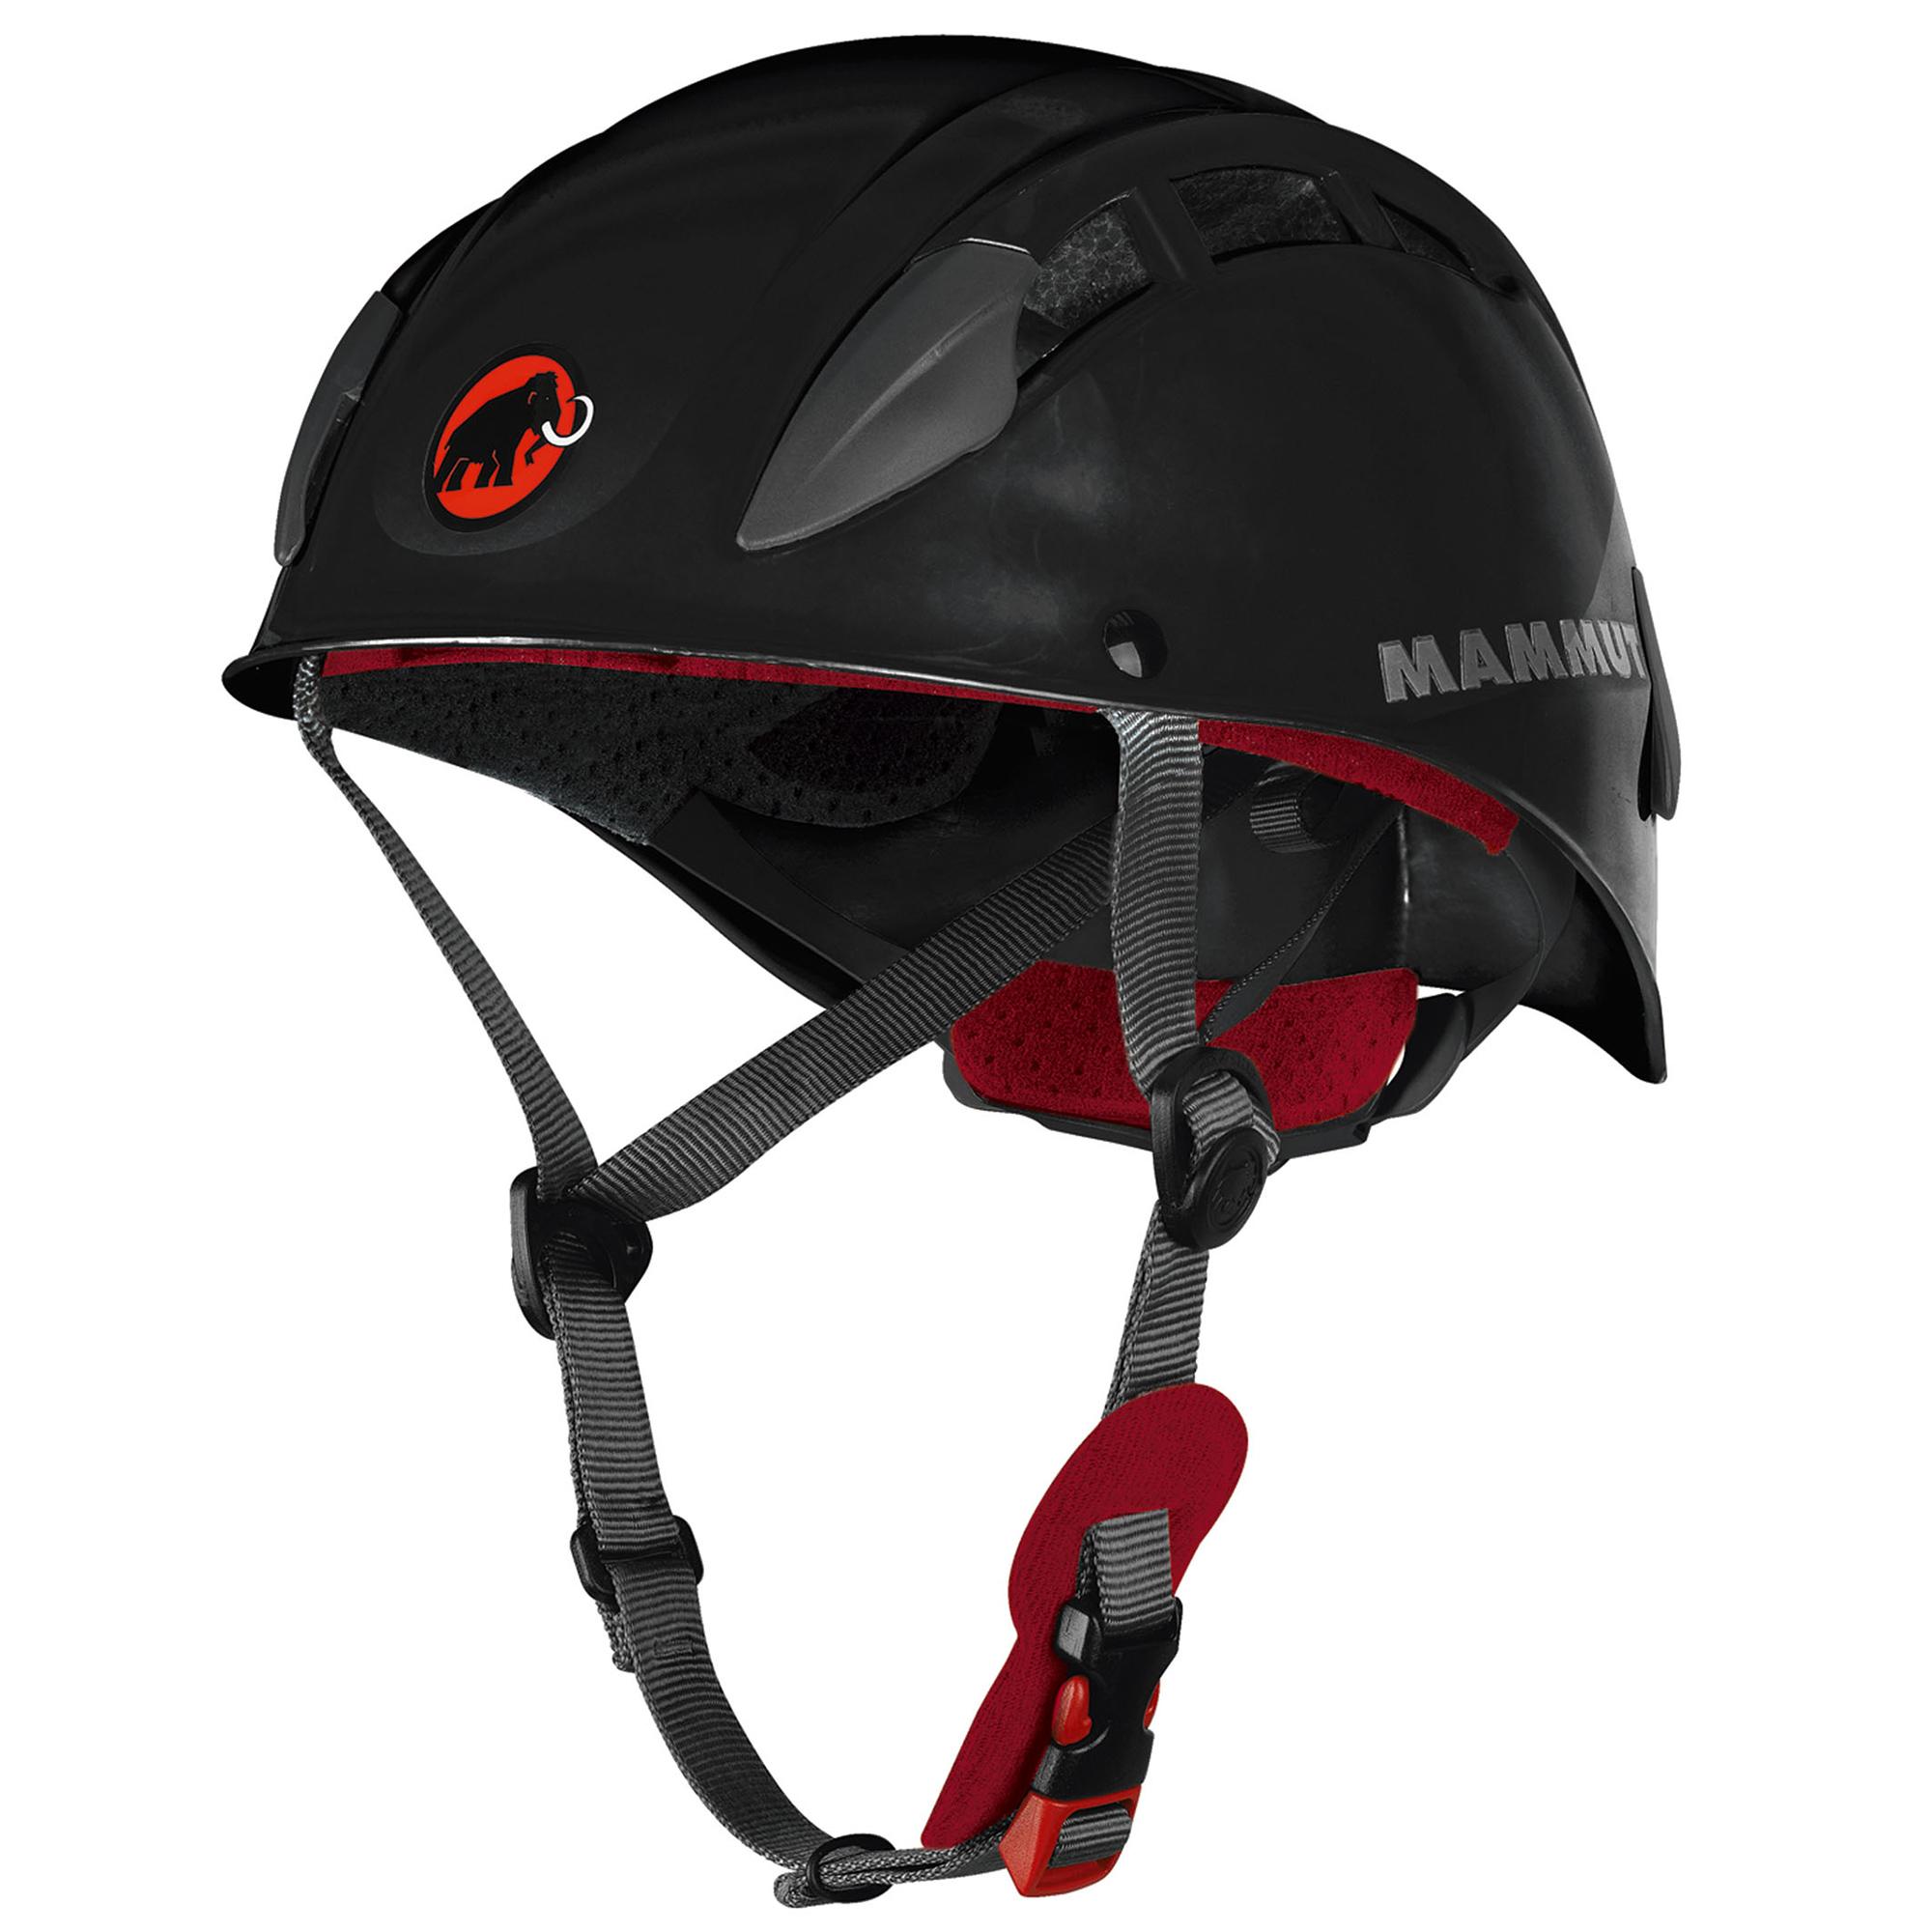 Climbing Helmet Mammut Skywalker 2 black